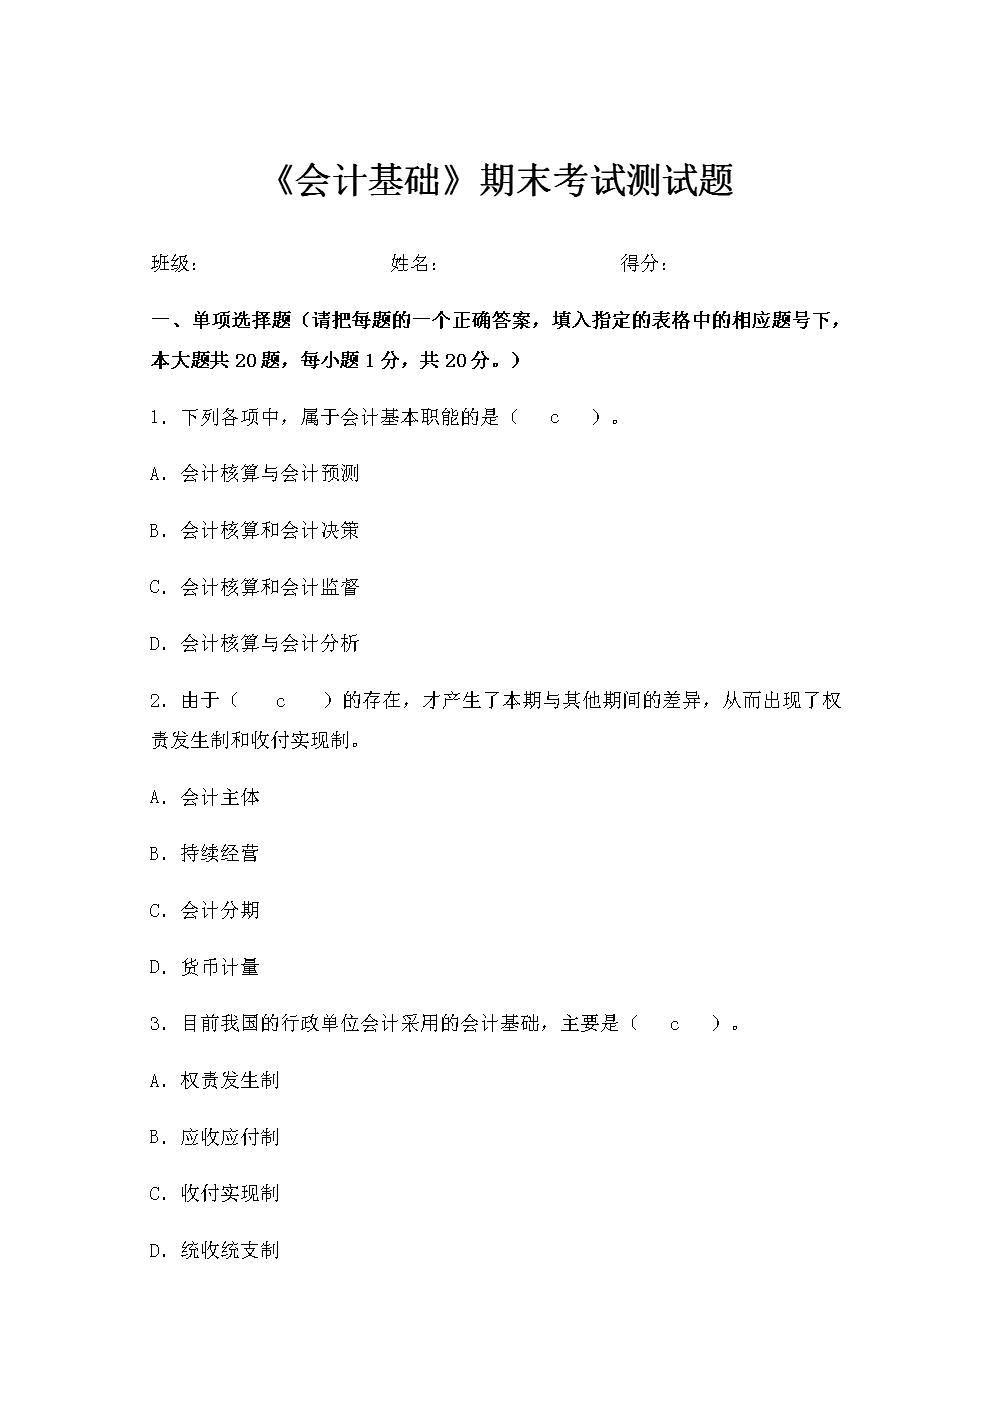 《会计基础》期末考试测试题(附答案).docx